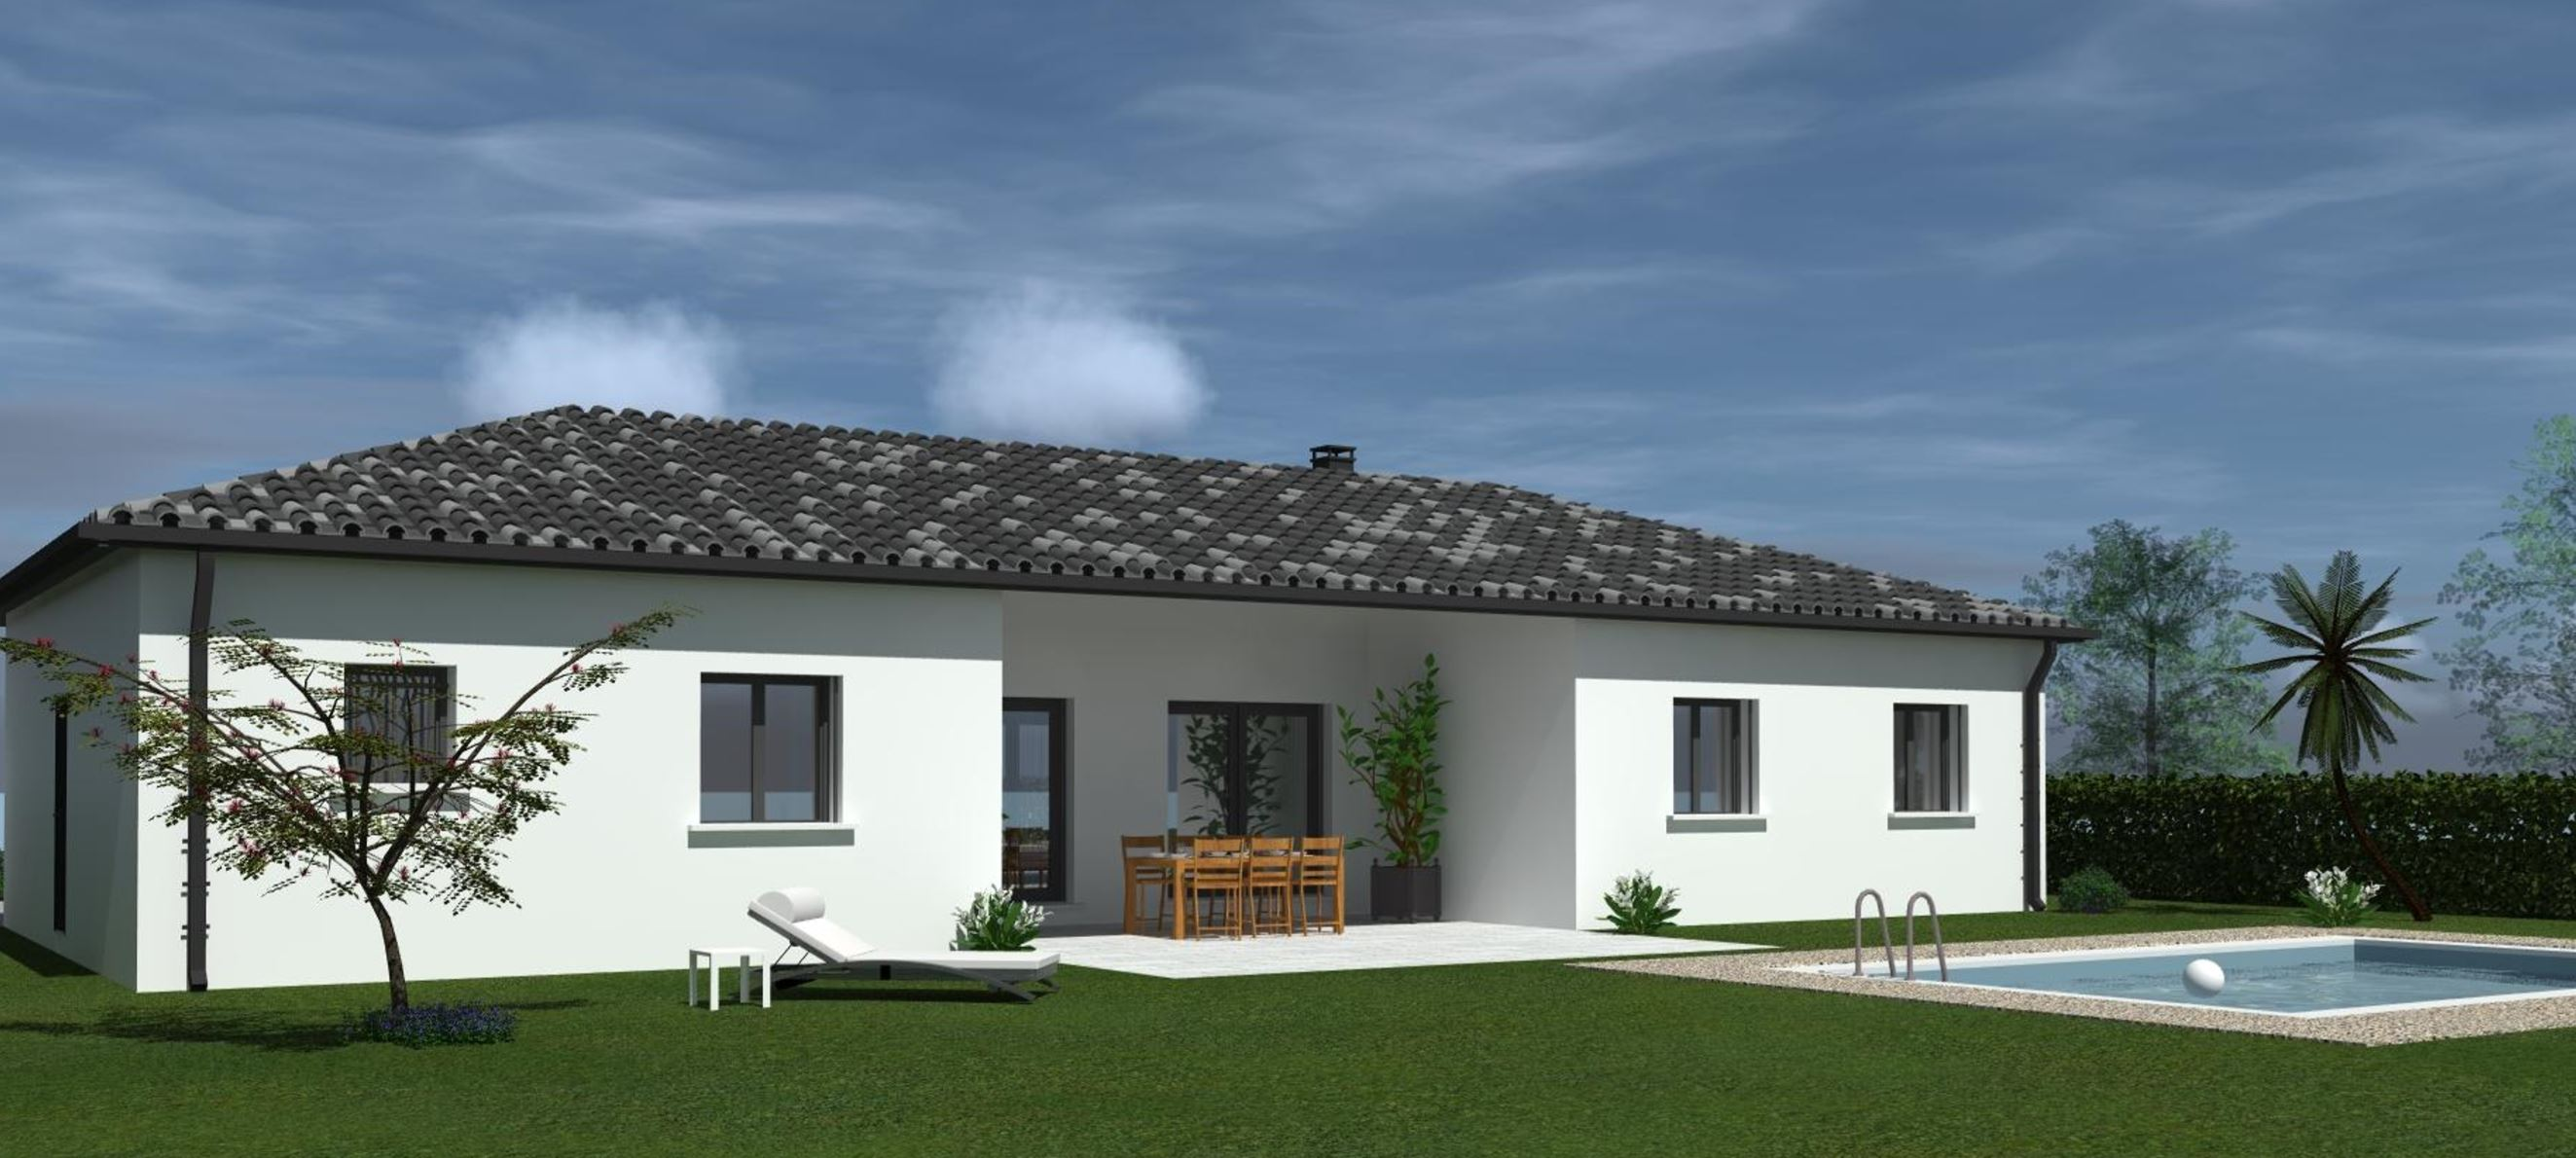 Maisons + Terrains du constructeur HABITAT SUD EST • 100 m² • CHOMERAC